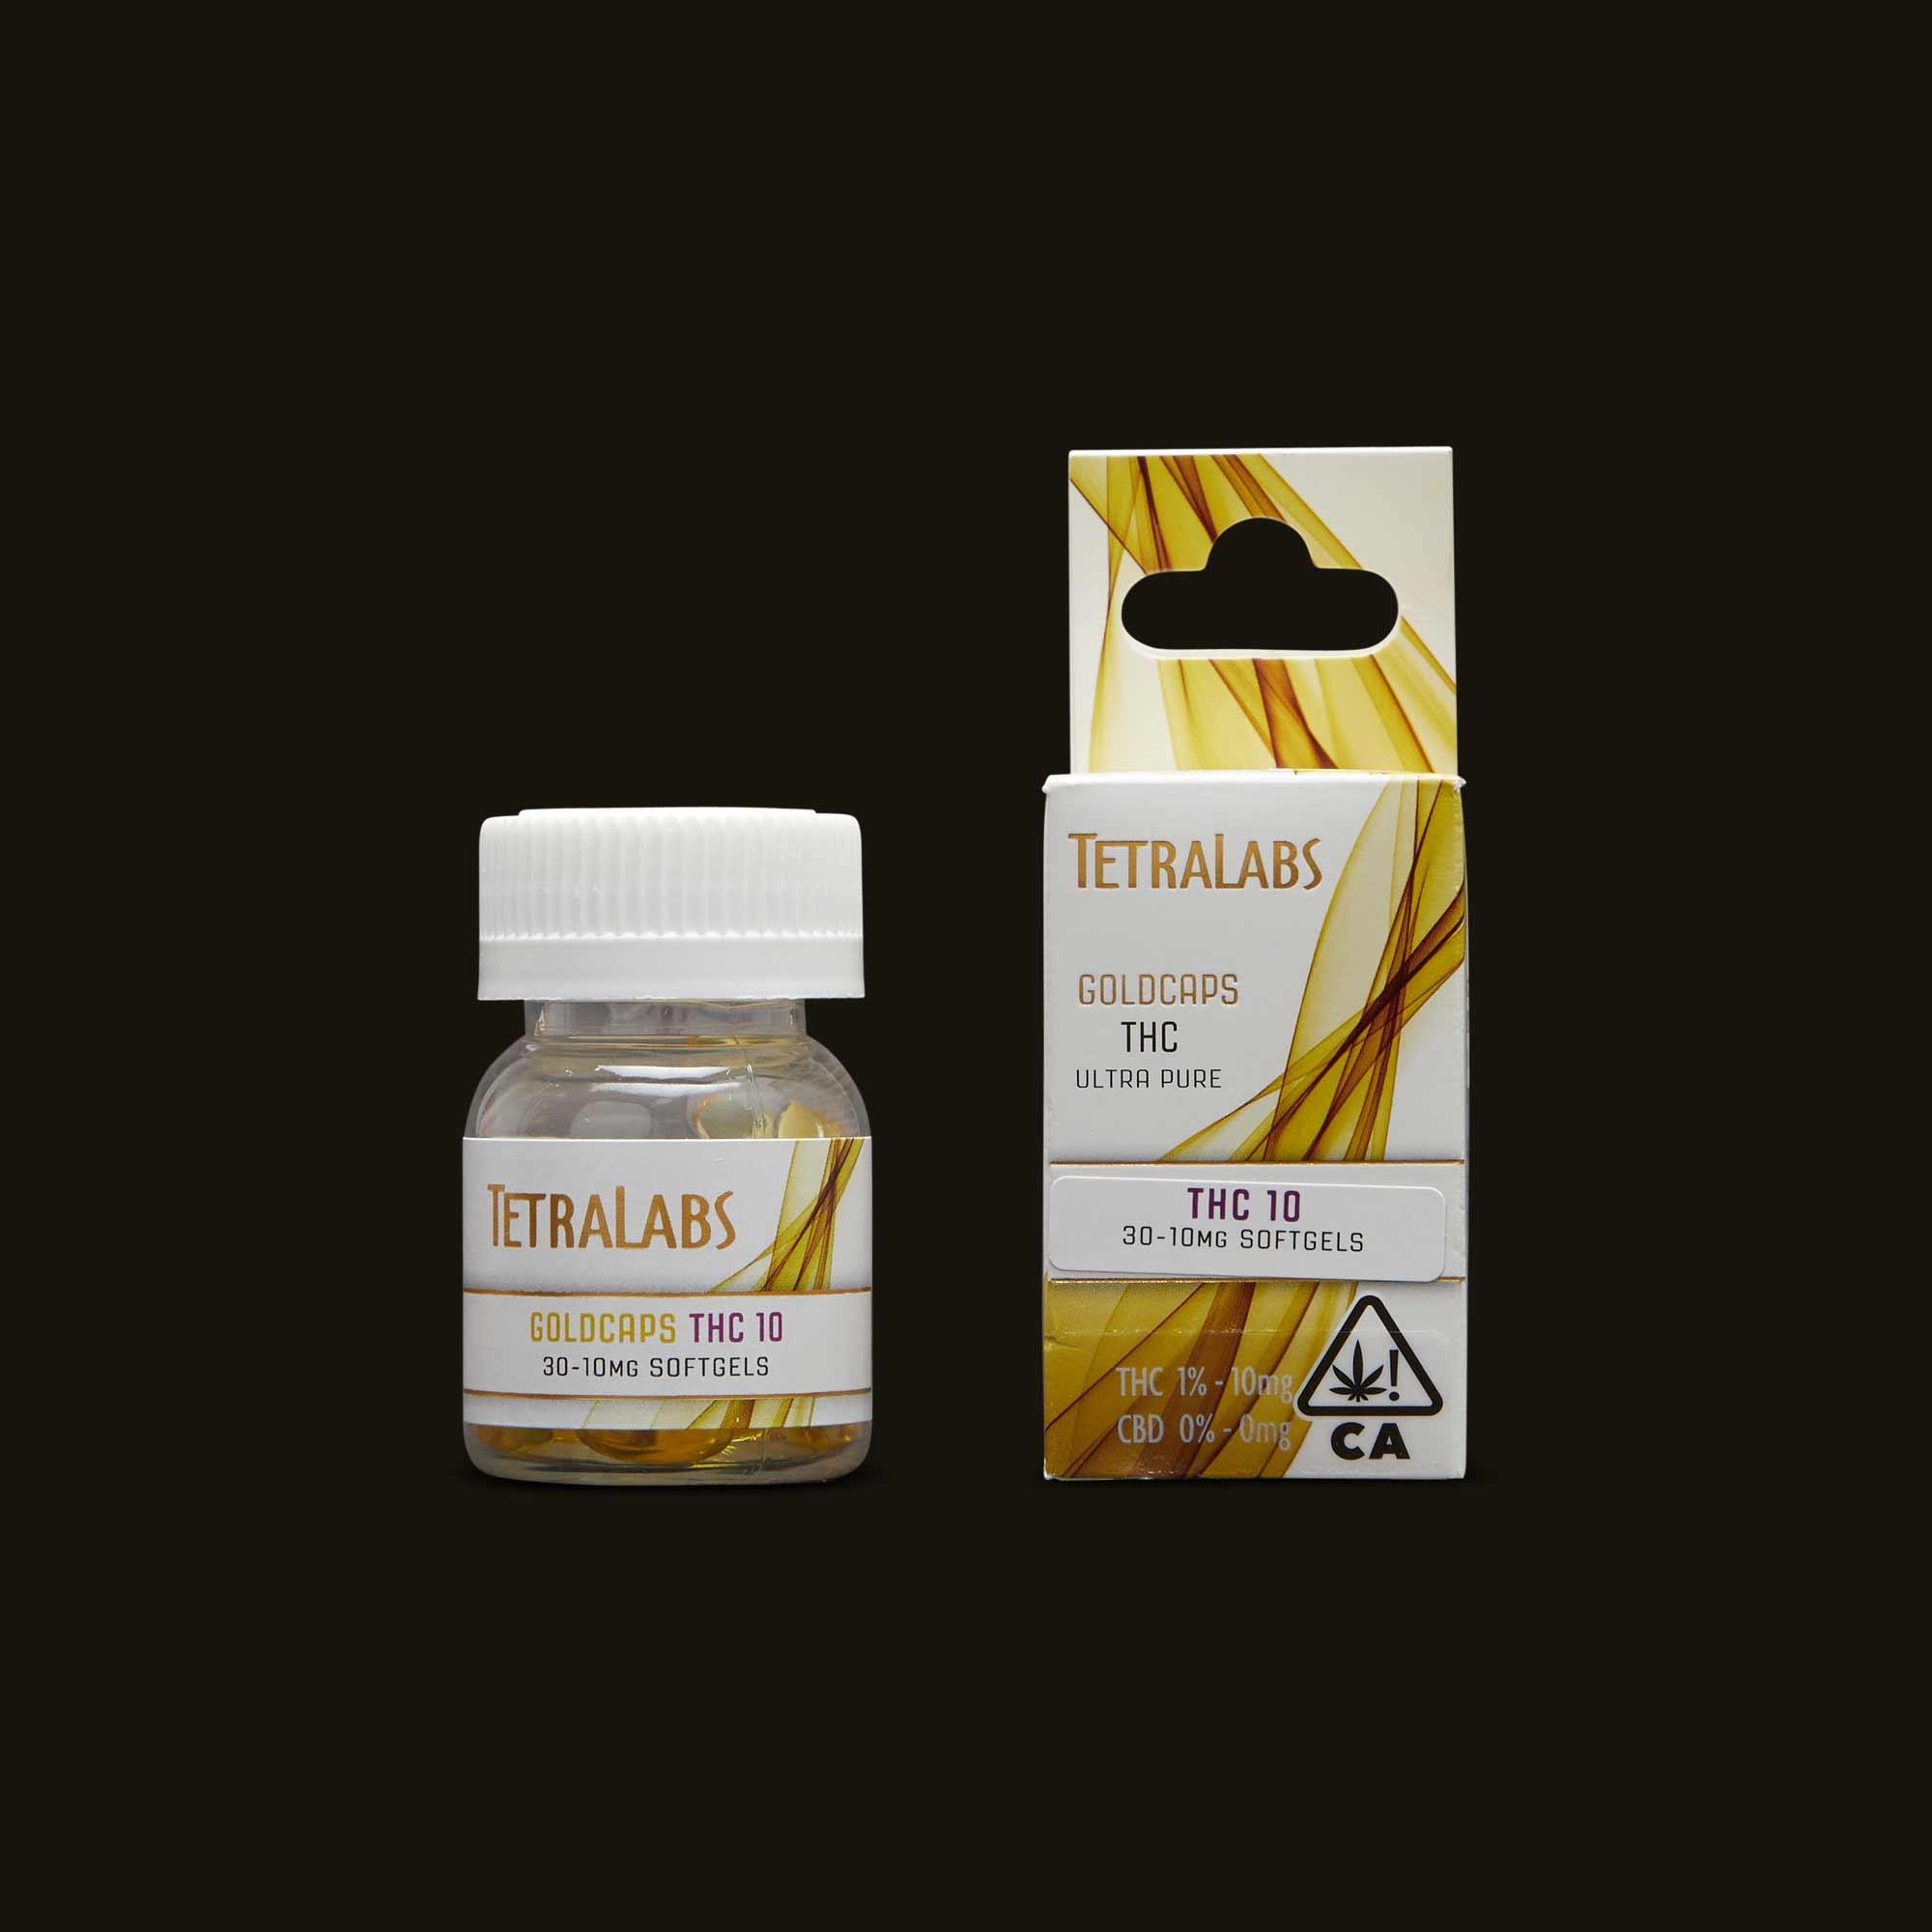 TetraLabs 10mg GoldCaps